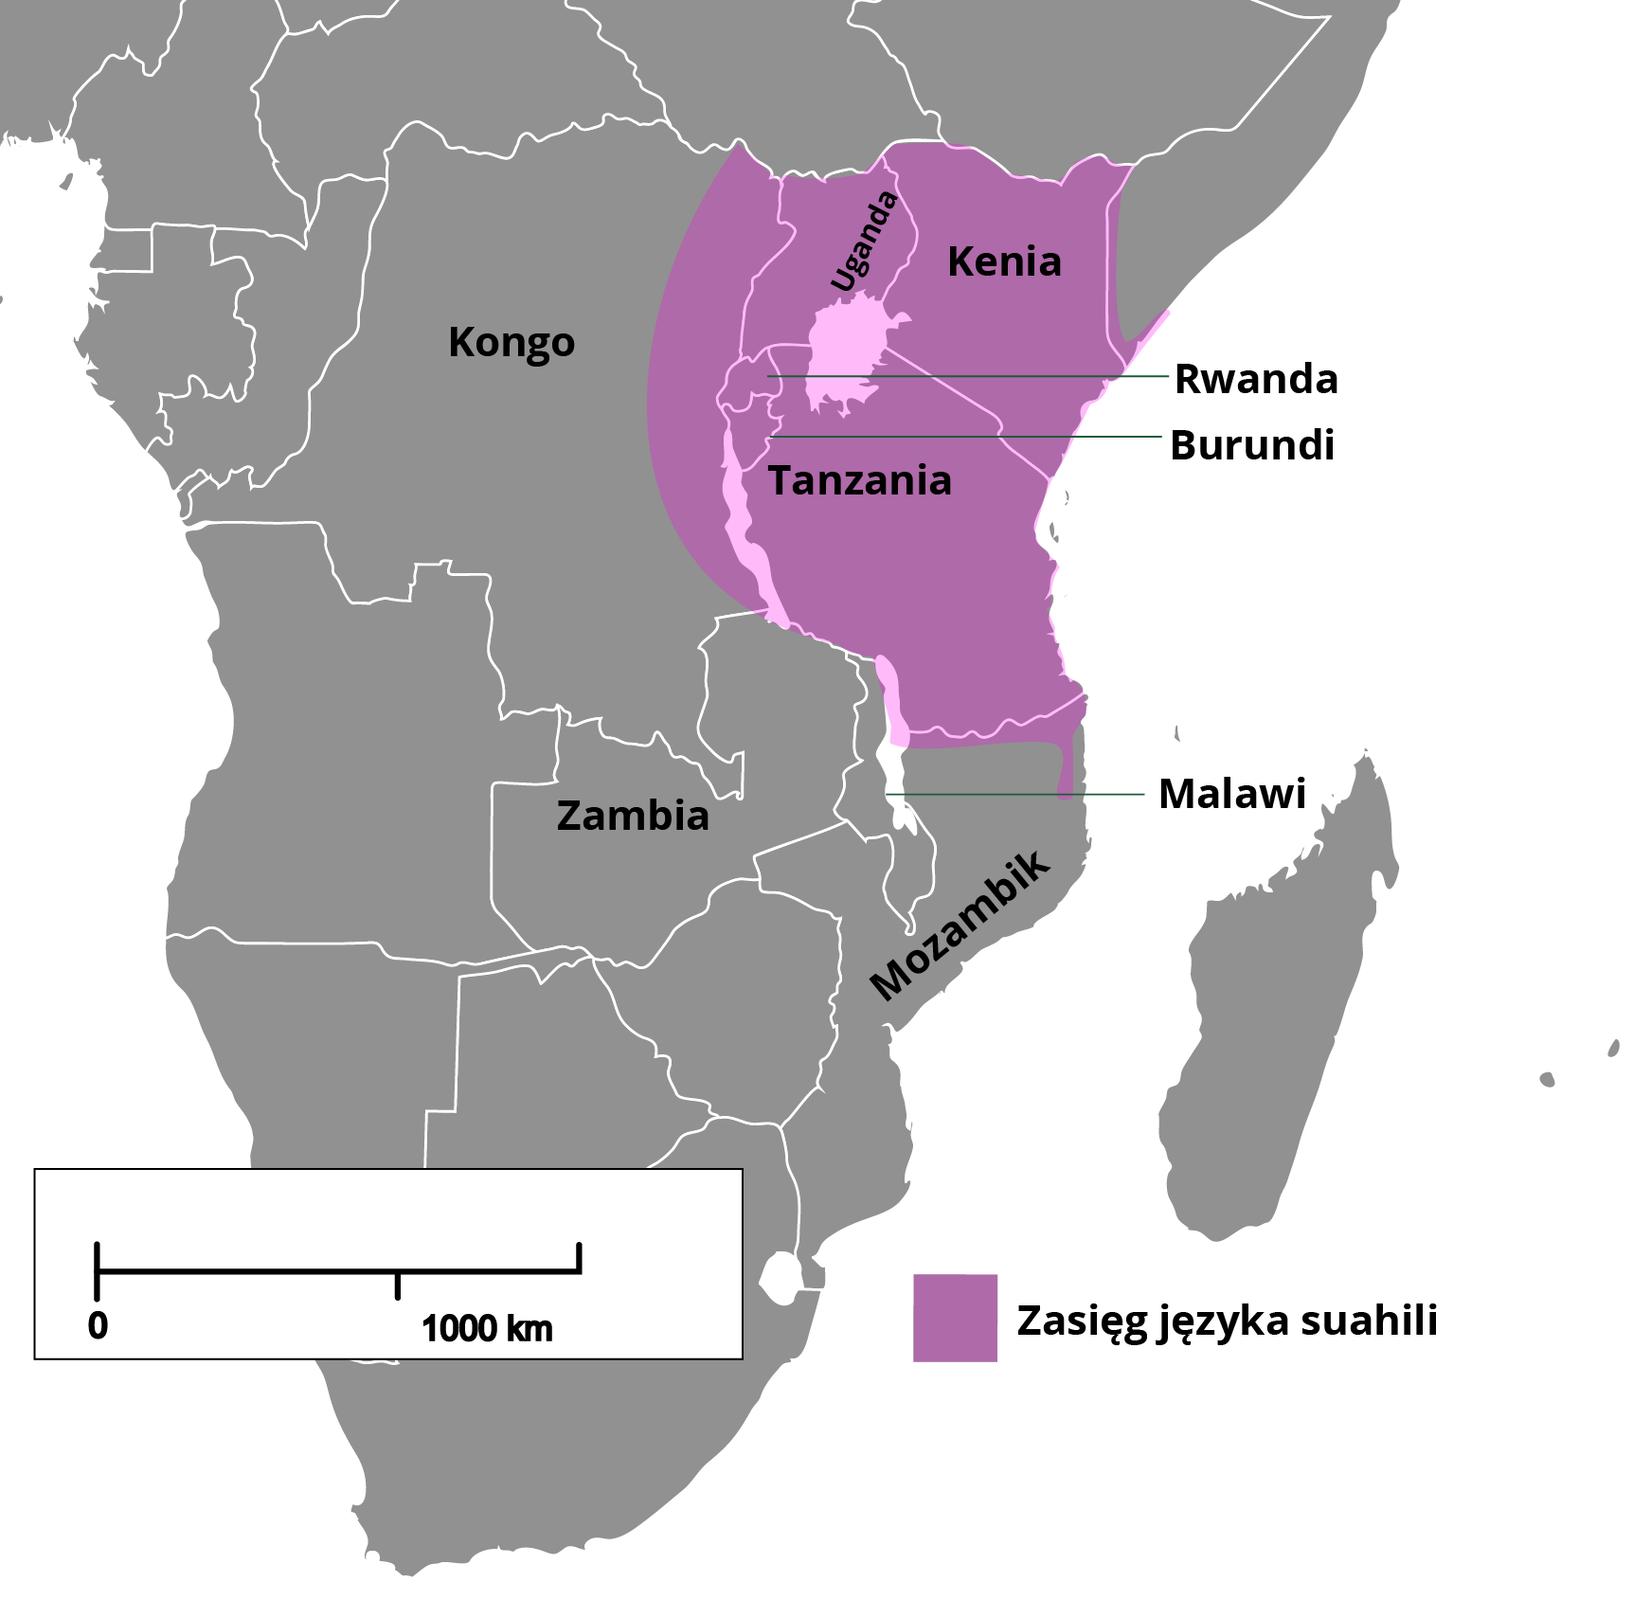 Nie tylko języki europejskie ułatwiają porozumiewanie się na obszarach globalnego Południa odużej różnorodności językowej. Językami używanymi wczasie podróży ikontaktów handlowych - awięc tzw. językami wehikularnymi (kontaktowymi) - są także te, które wywodzą się zdawniej skolonizowanych regionów świata: suahili wAfryce Wschodniej, hausa wAfryce Zachodniej, hindi wIndiach, język malajski wAzji Południowo-Wschodniej, bislama na wyspach Pacyfiku.